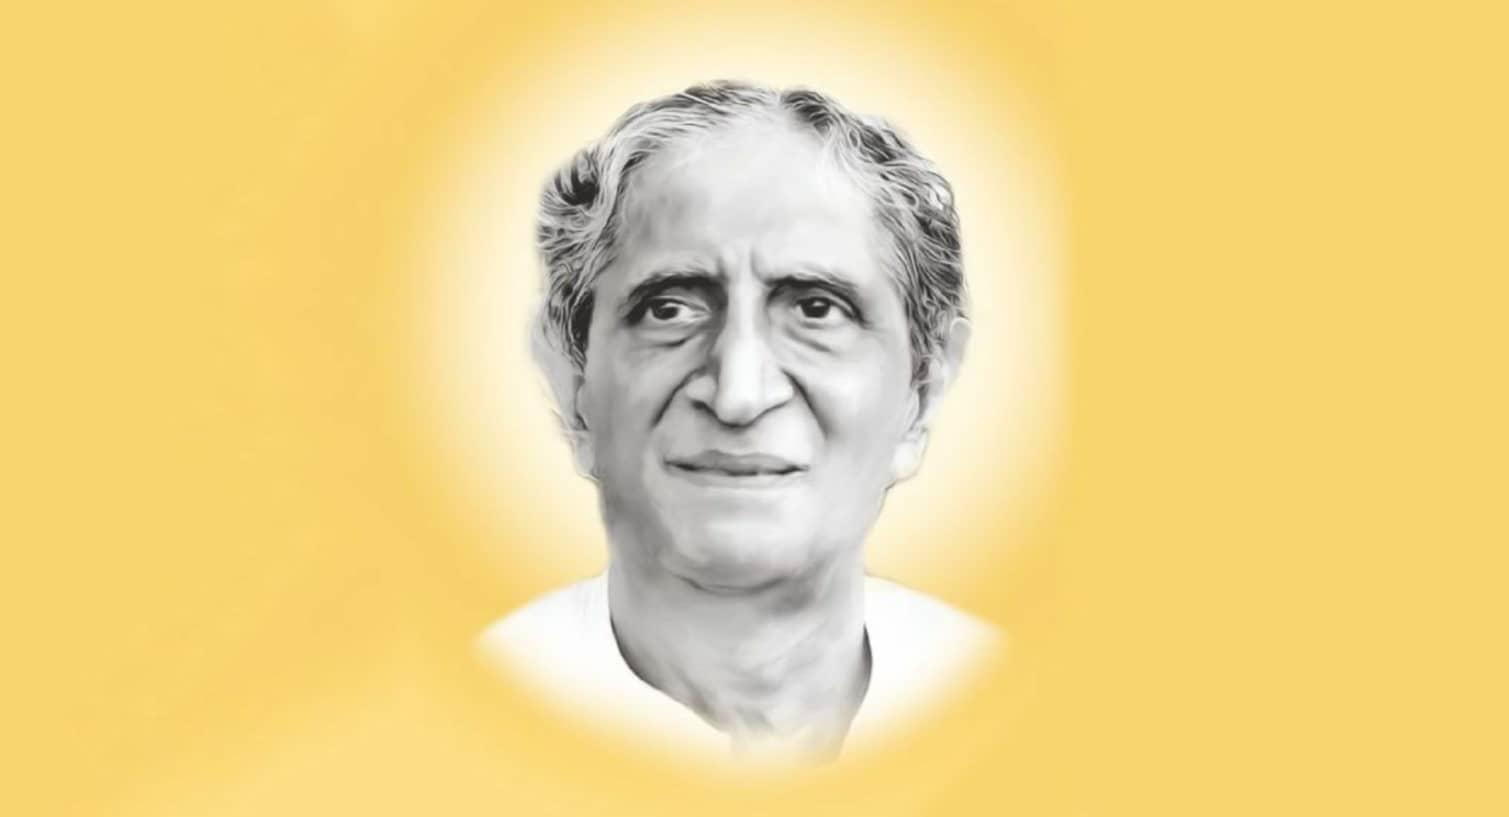 Asmita - Dr. Jayadeva Yogendra In Parisamvada